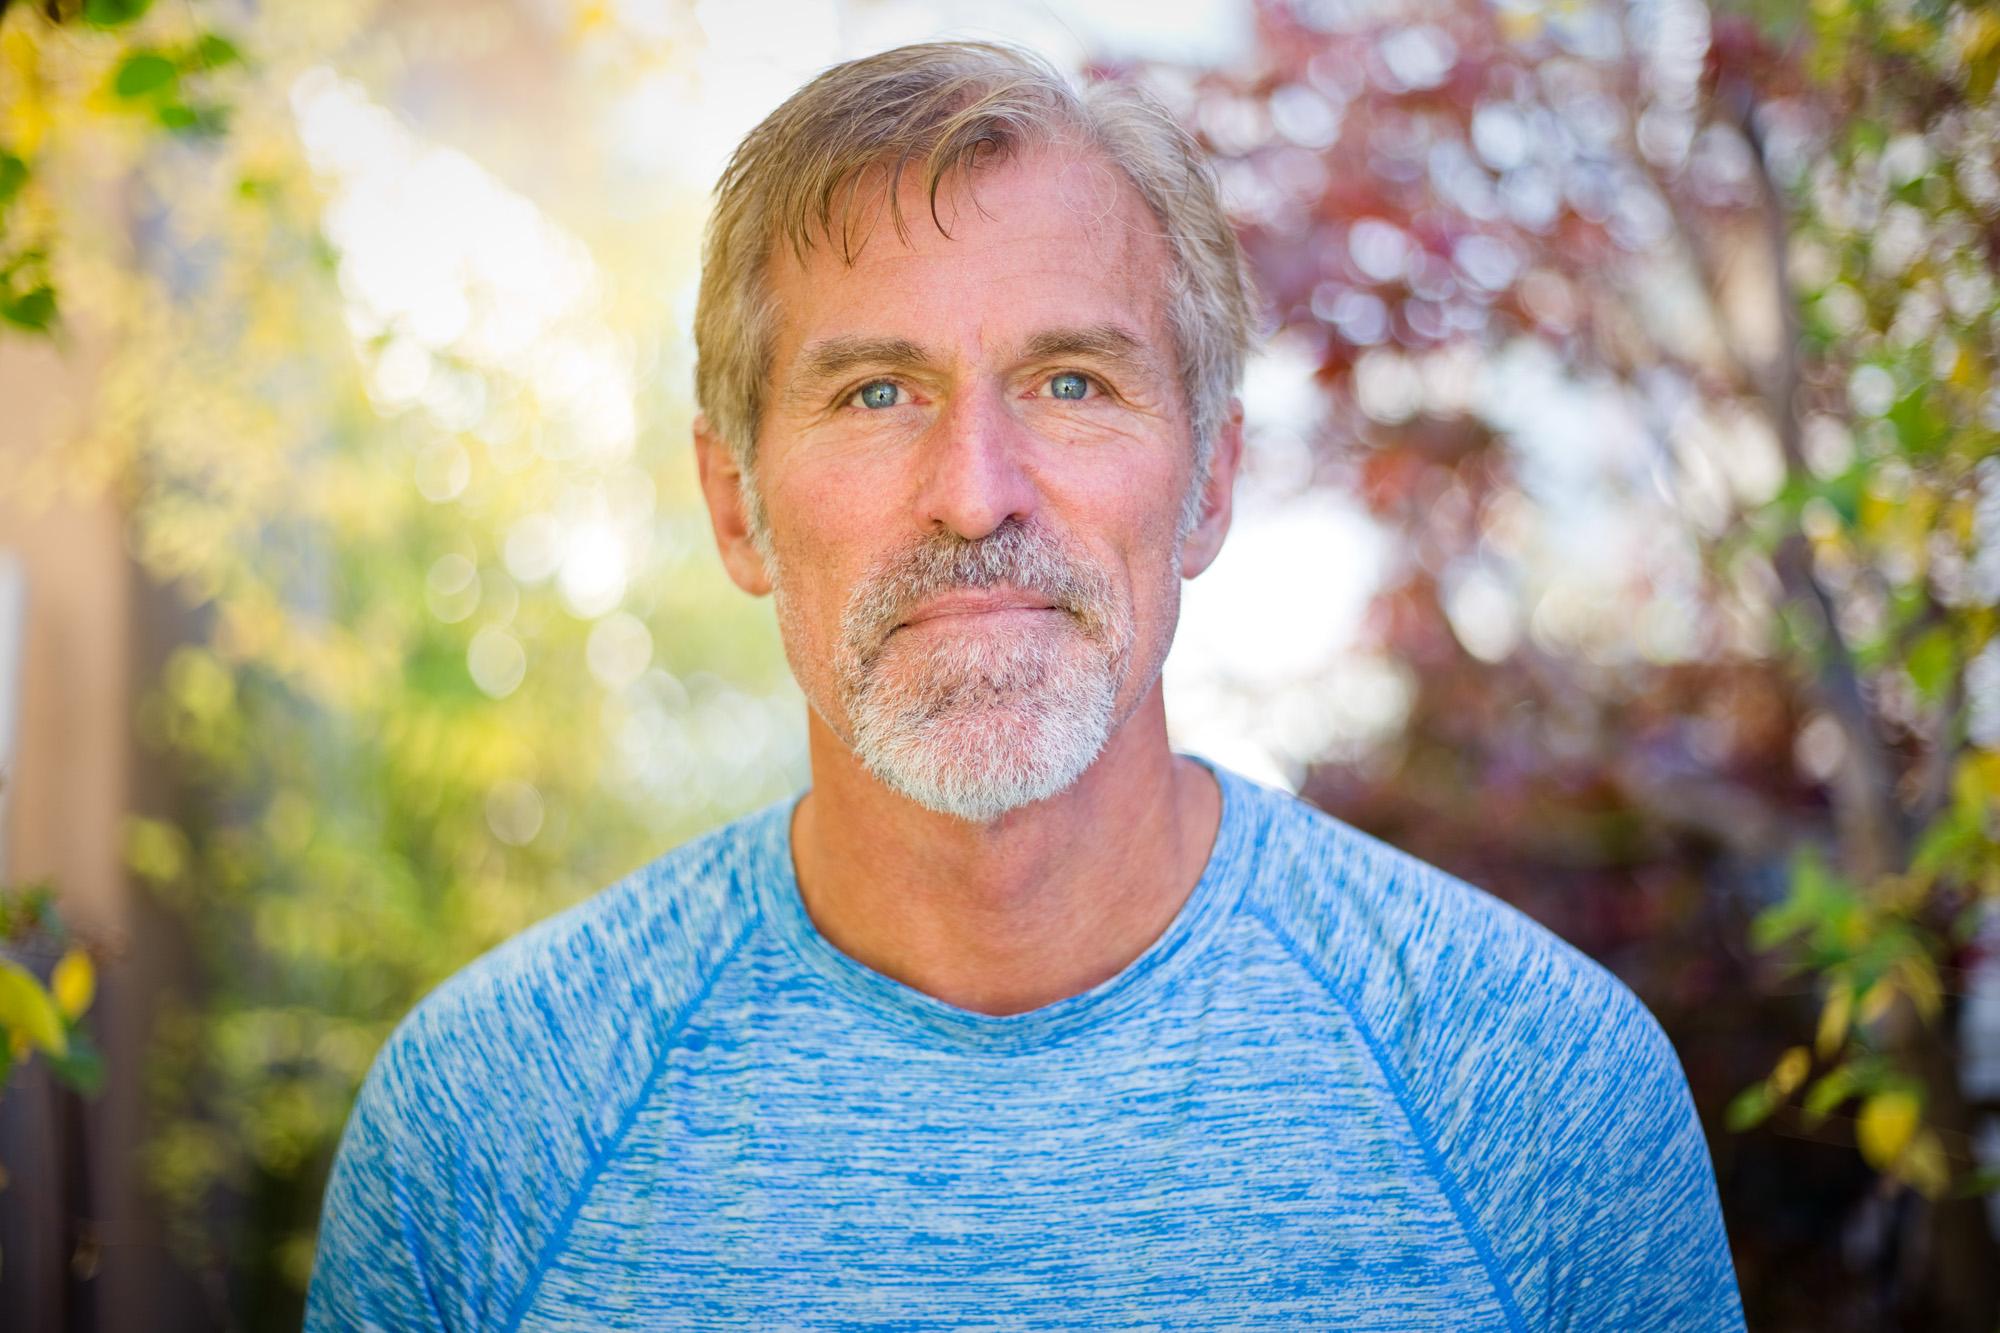 Ian Trask, 60, outside